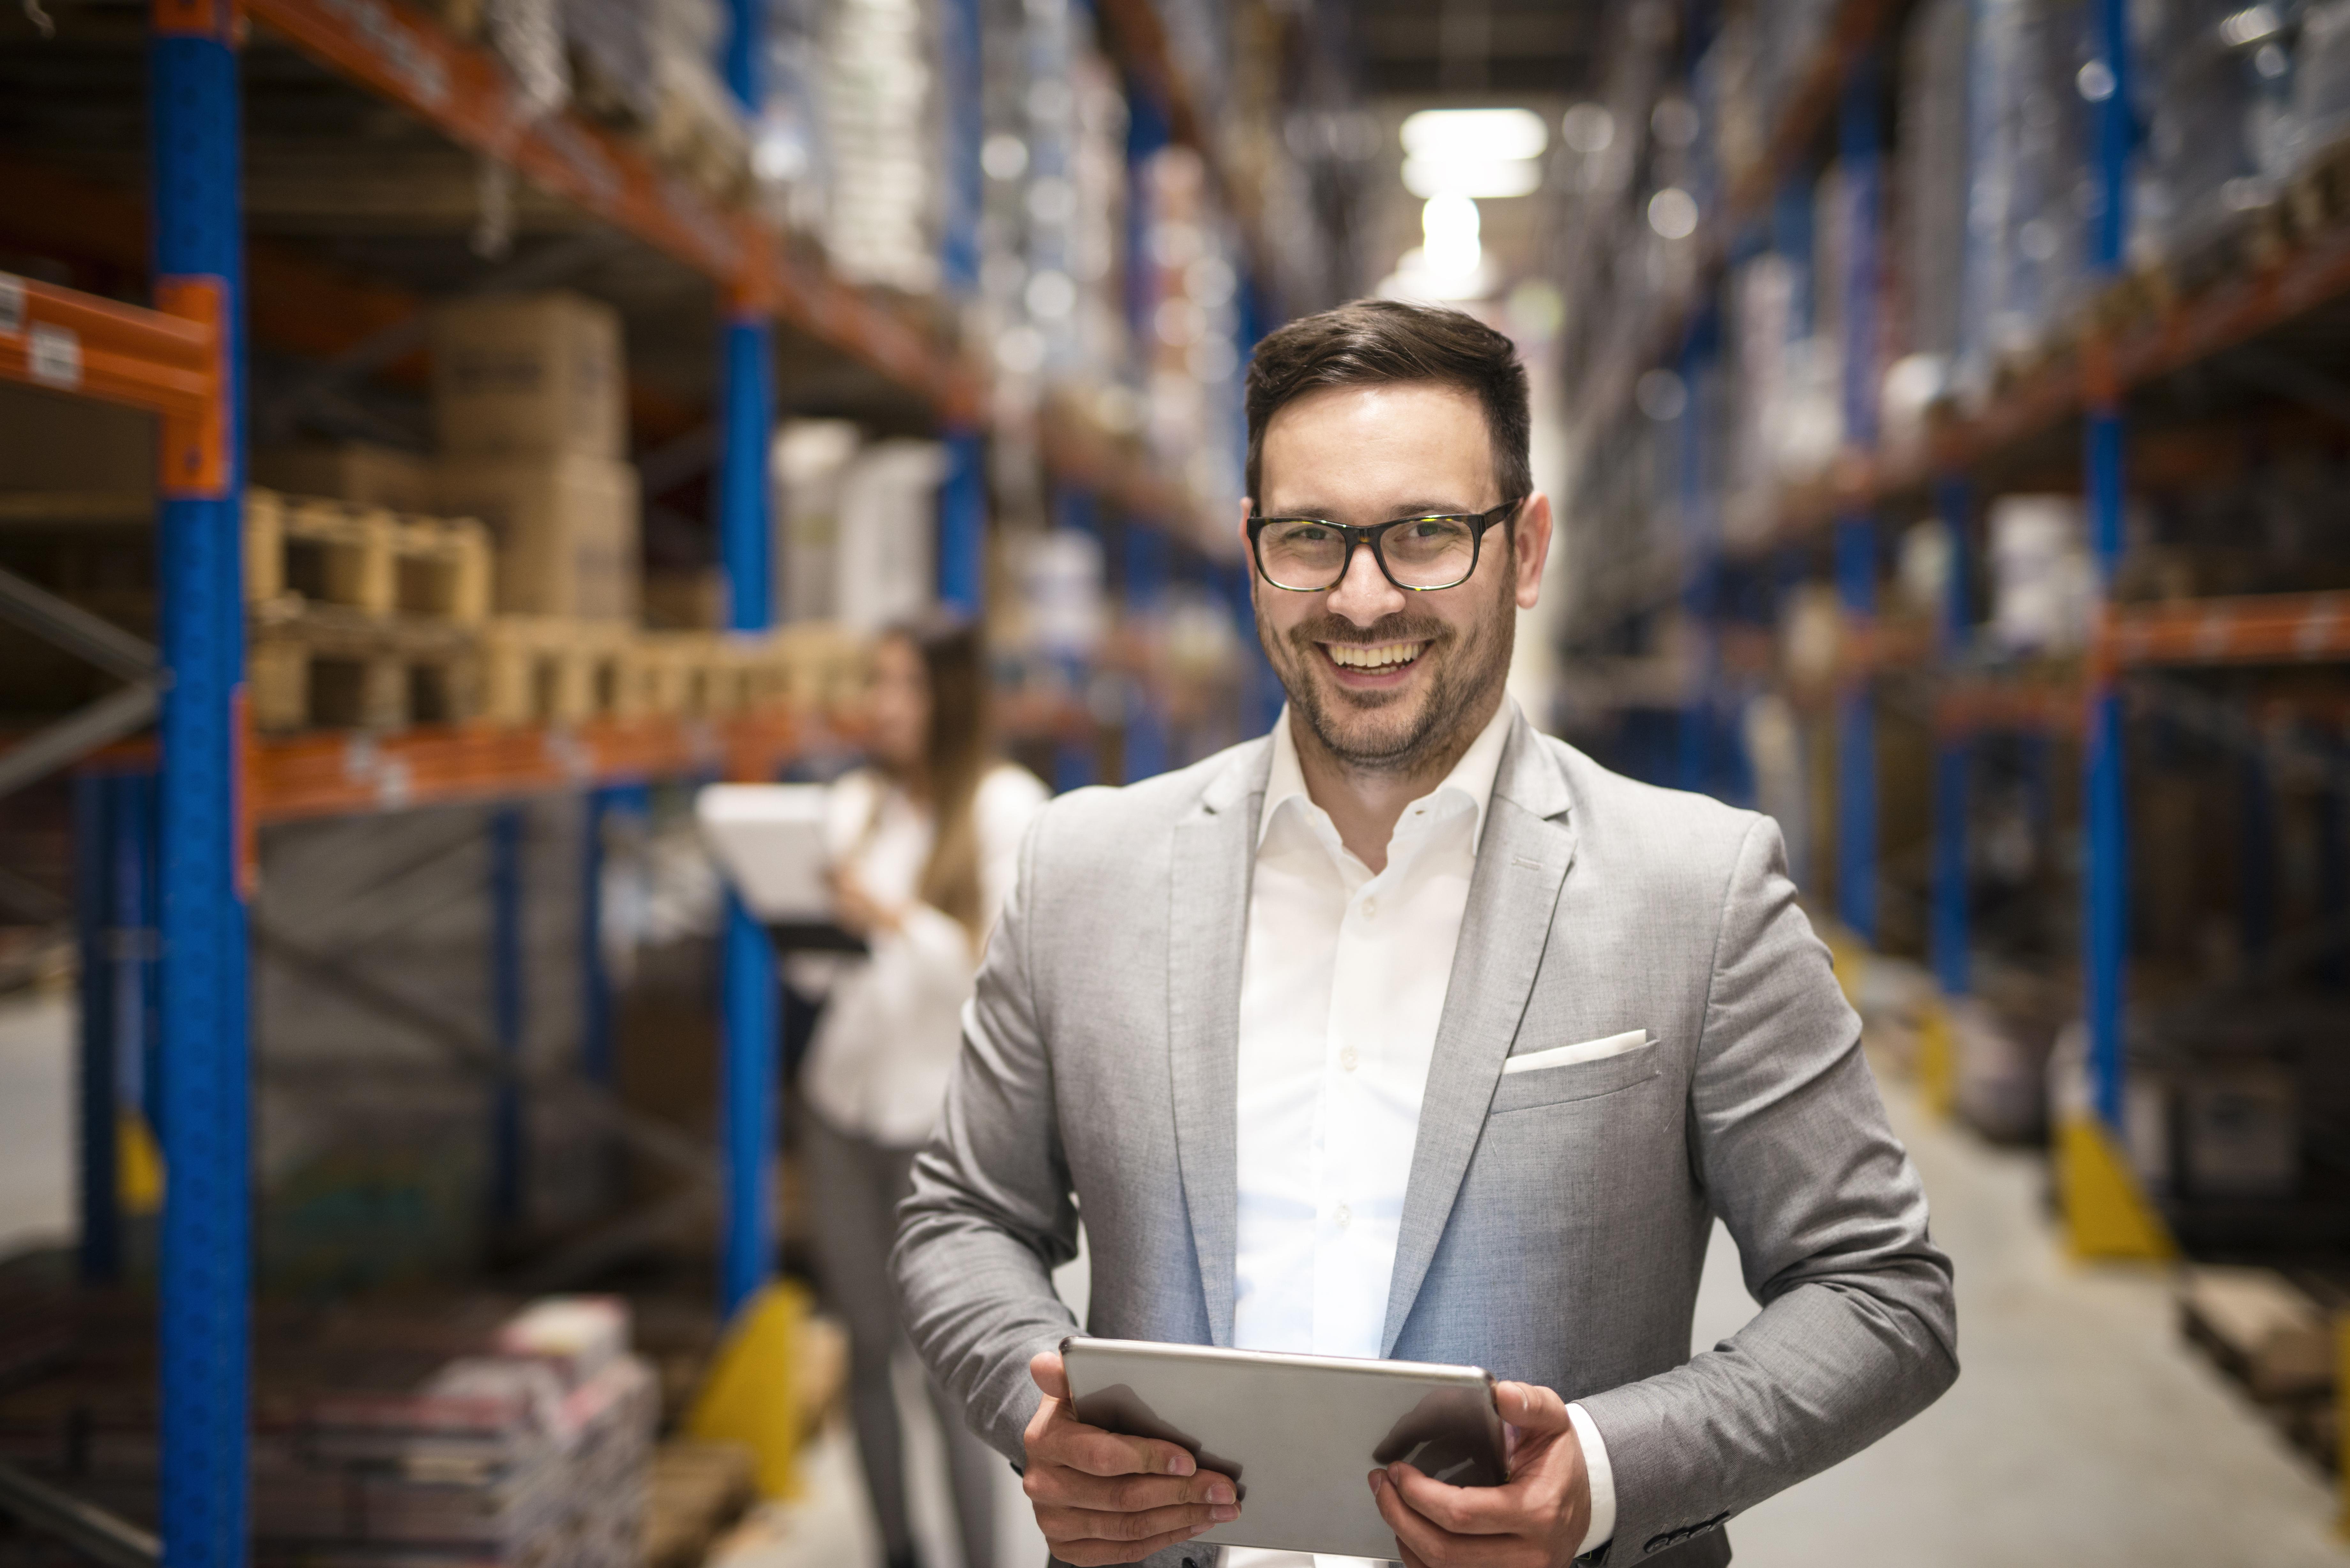 Les tendances de rémunération dans la logistique et Supply Chain